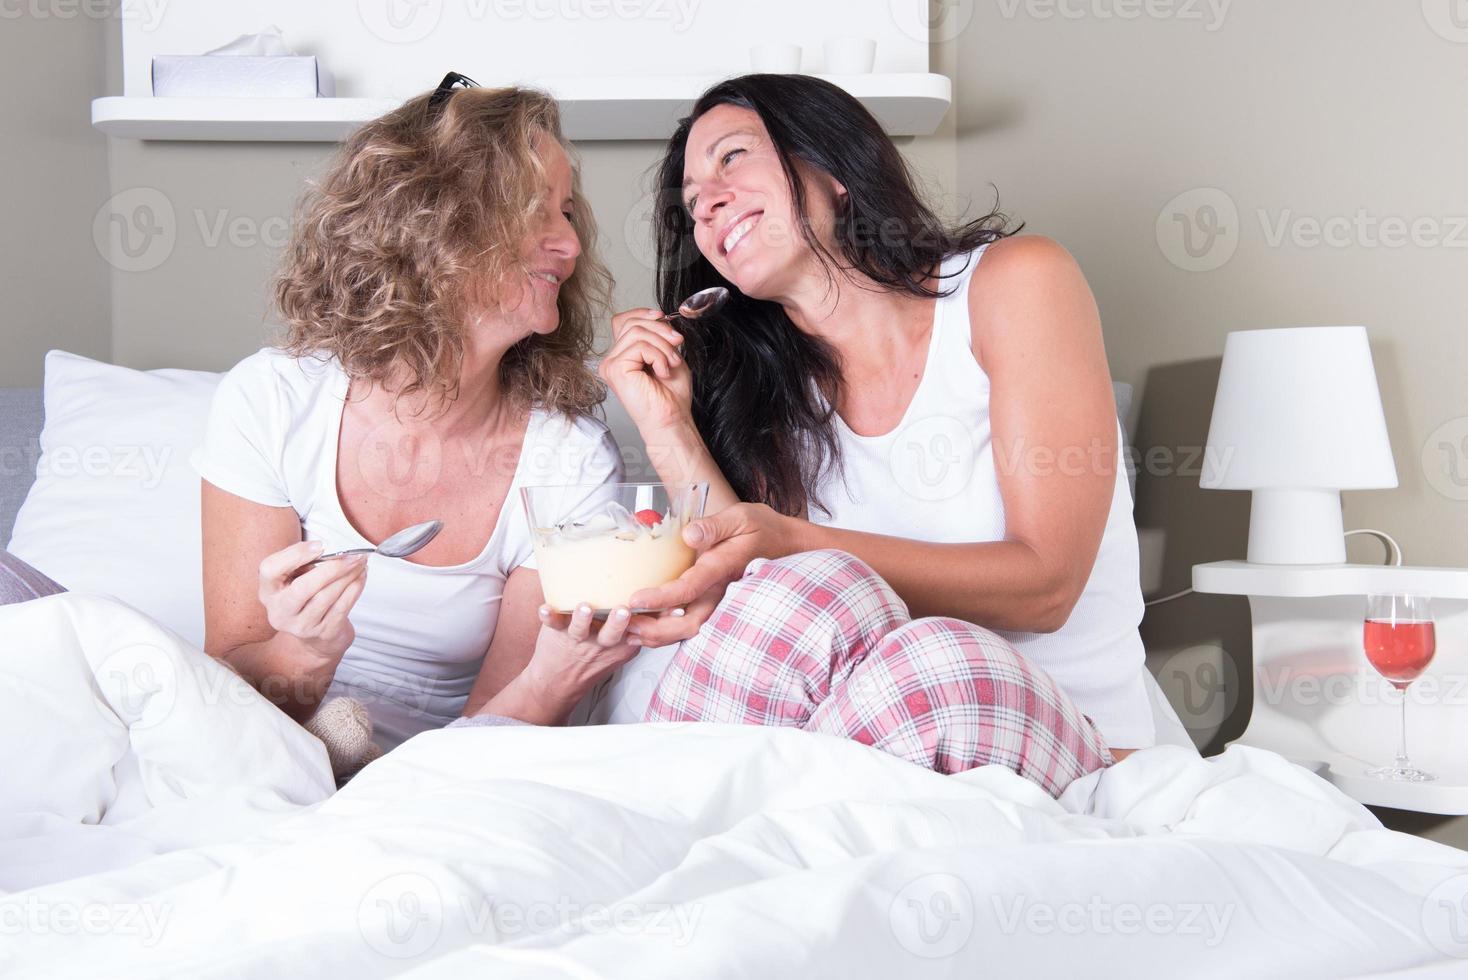 zwei attraktive Frauen genießen ihren Frauenabend im Bett foto